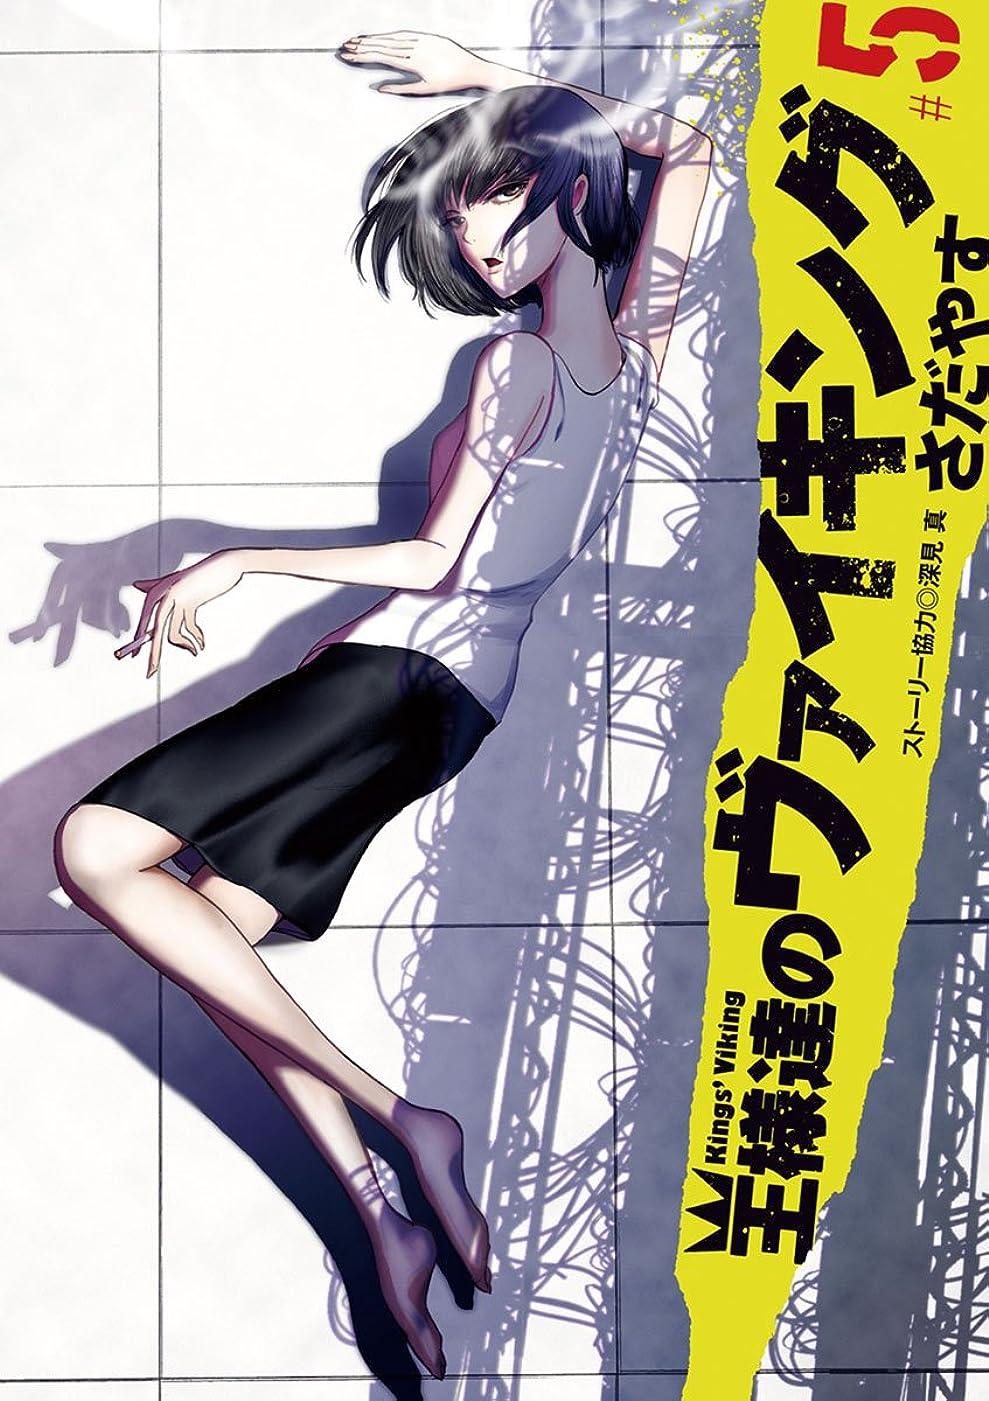 有利メダリストライオネルグリーンストリート王様達のヴァイキング(5) (ビッグコミックス)